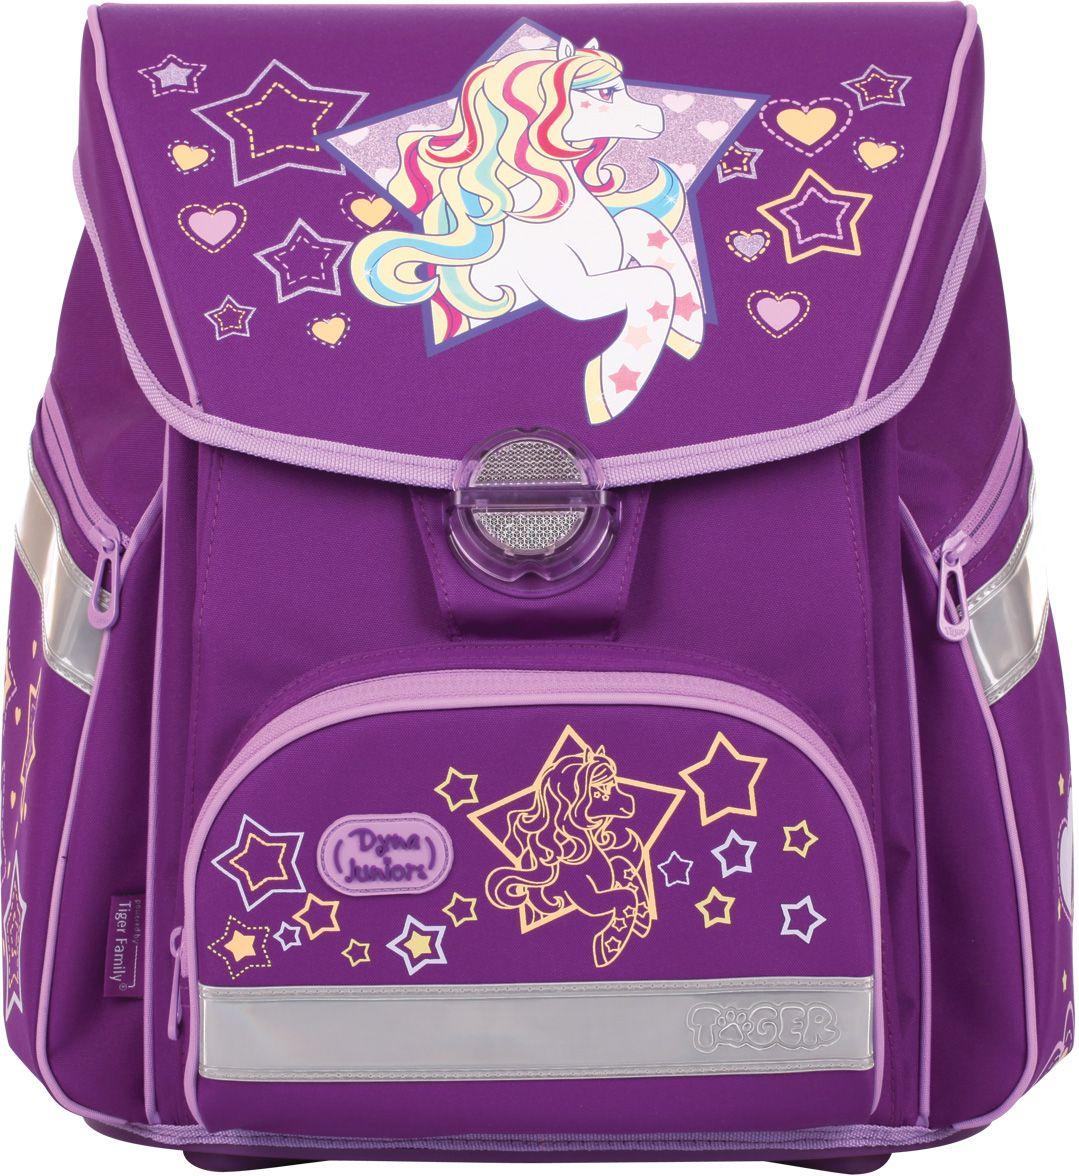 Tiger Family Ранец школьный Rainbow Pony1709/B/TGРанец школьный Dyna Juniors Rainbow Pony, размер 38 x 34 x 23 см, атомическая спинка регулируется при помощи застежки-липучки, фиолетовый, для девочек Ранец выполнен из влагоустойчивой ткани. Замок легко открывать и закрывать. Имеется регулируемый нагрудный ремень, светоотражающие элементы на всех 4 сторонах. Усиленное дно, удобные регулируемые лямки, два боковых кармана на молниях, карман на молнии на лицевой части ранца. Внутри имеется большое отделение для книг, внутренний карман